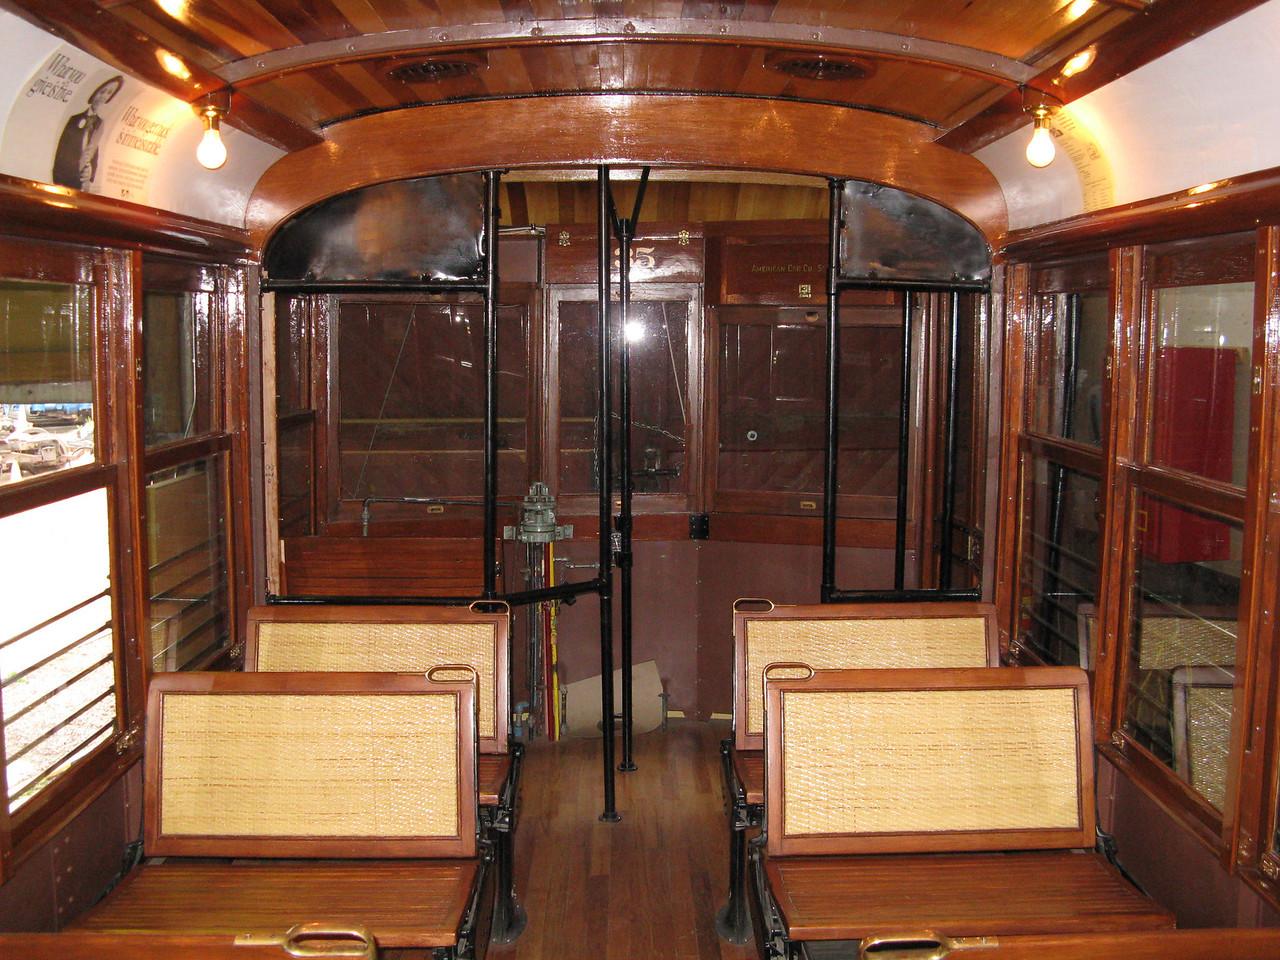 12-05-07 Trolley 002